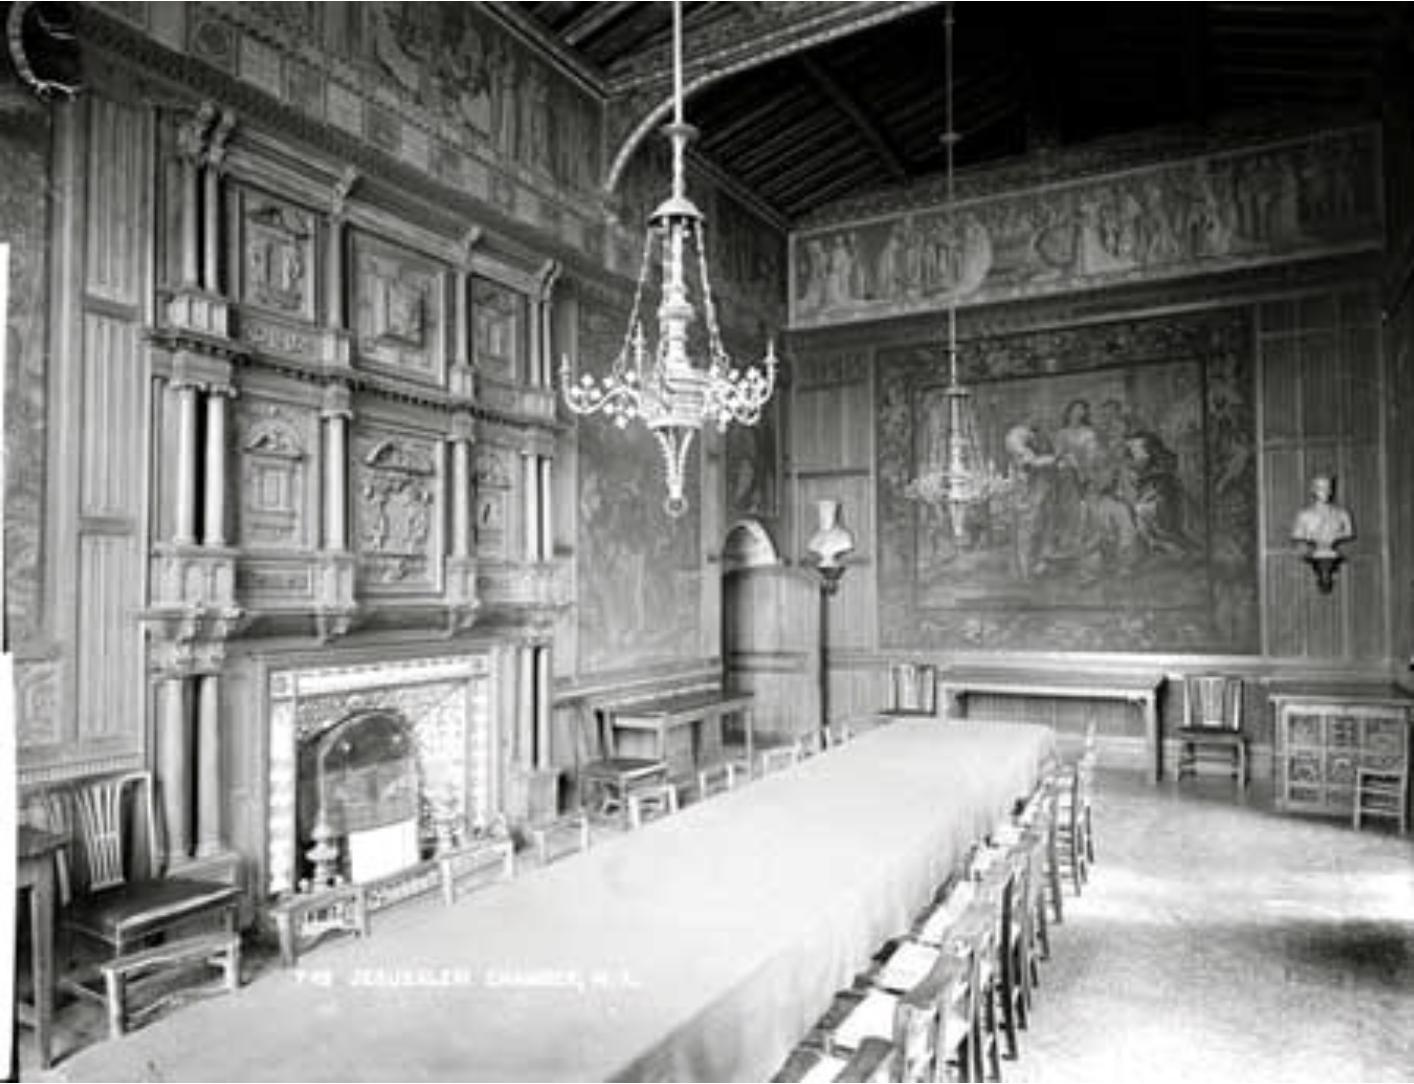 photo: The Jerusalem Chamber